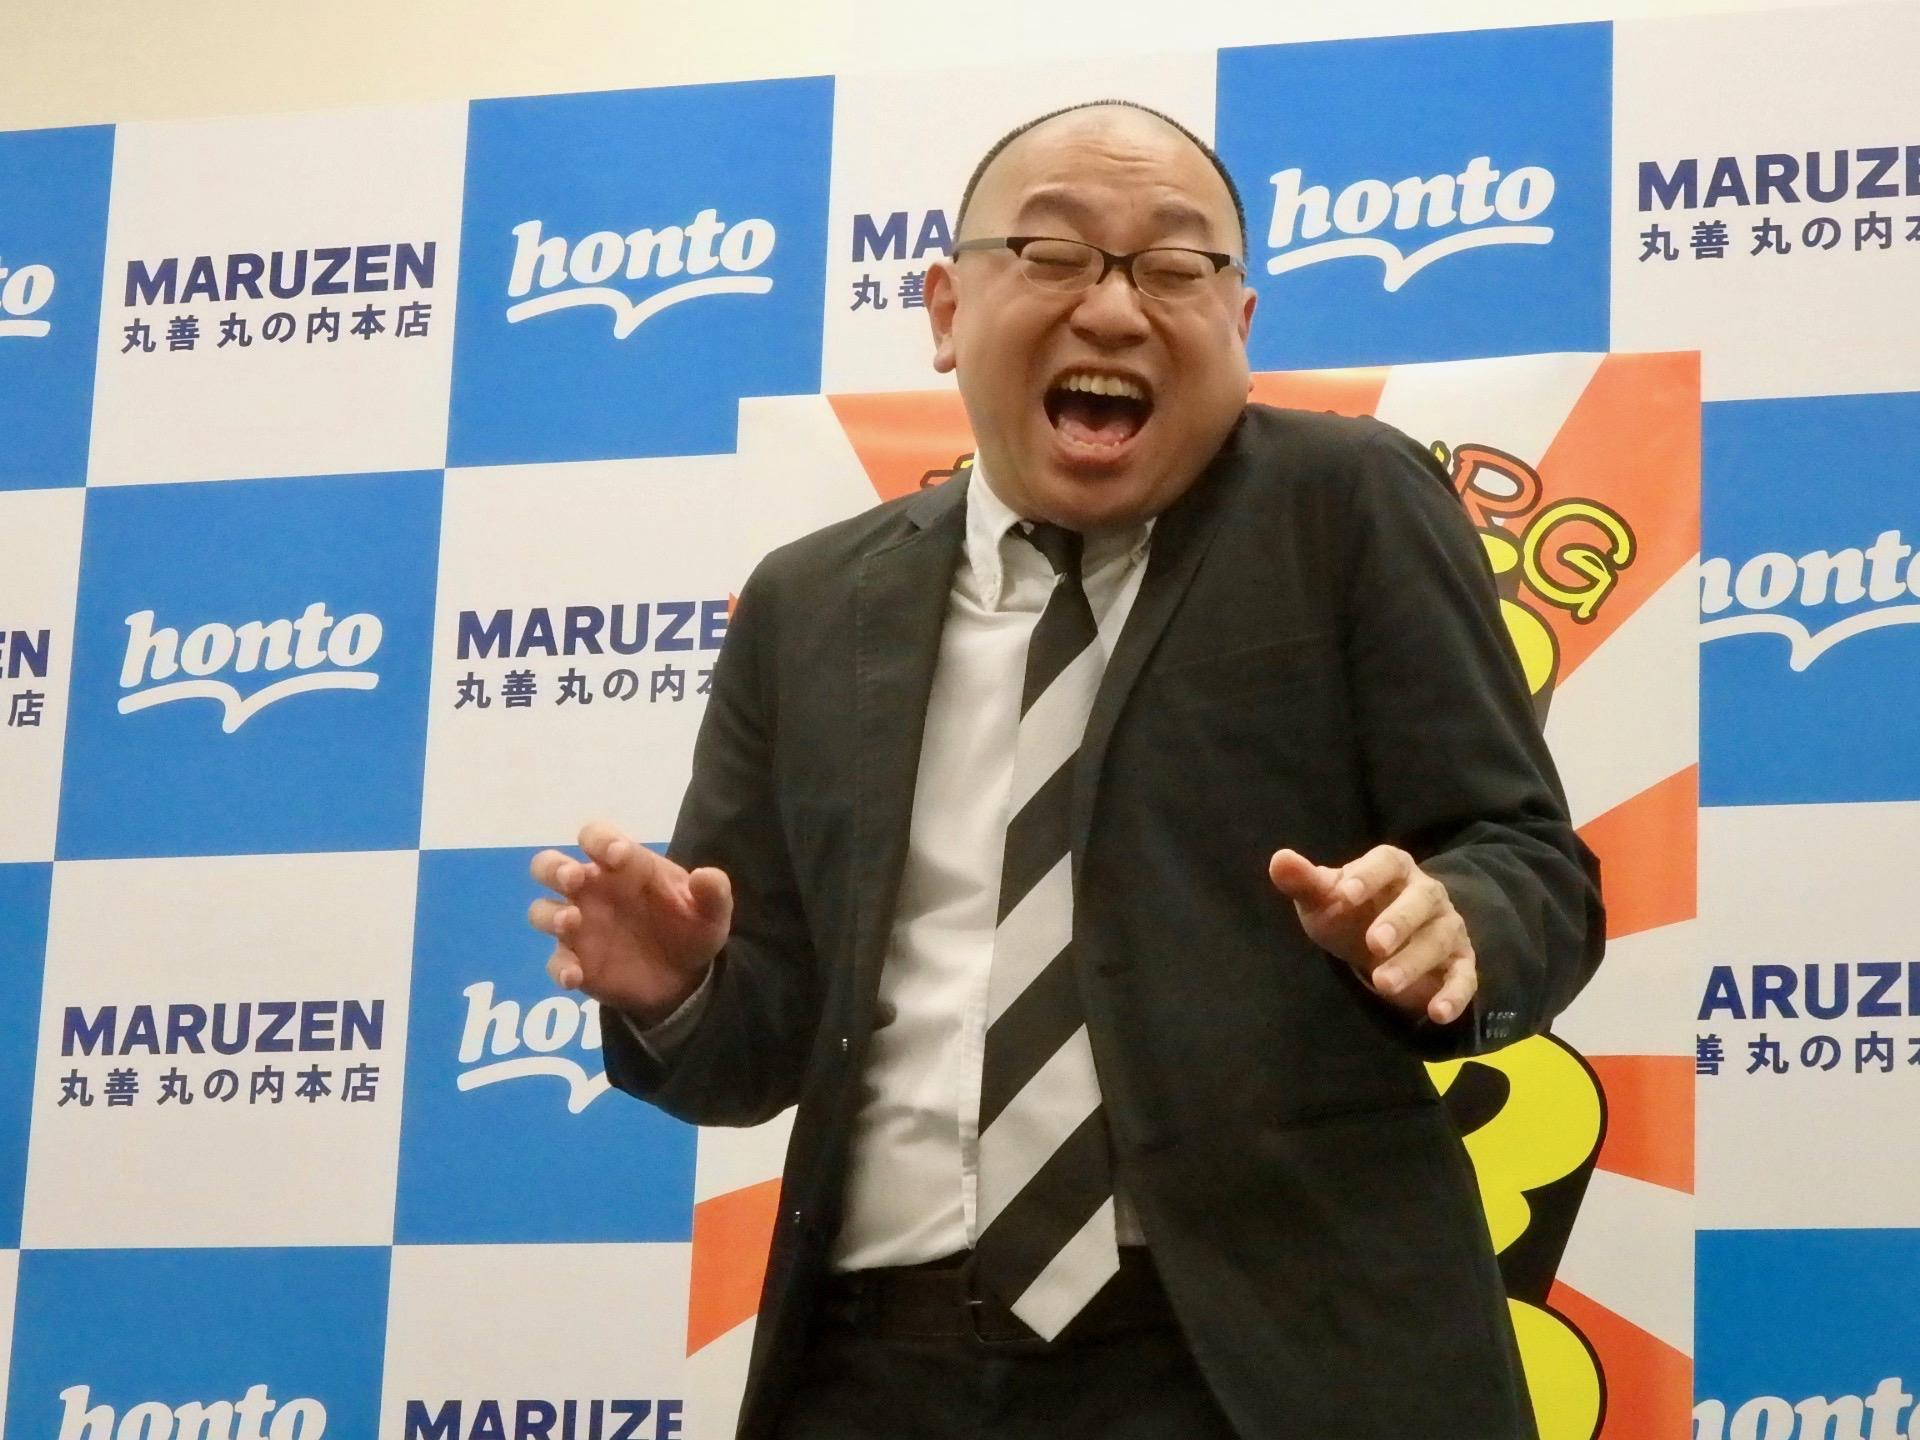 http://news.yoshimoto.co.jp/20180926231537-76561fcb098fa201db5bf10beb0e1d85b6e89f6e.jpg